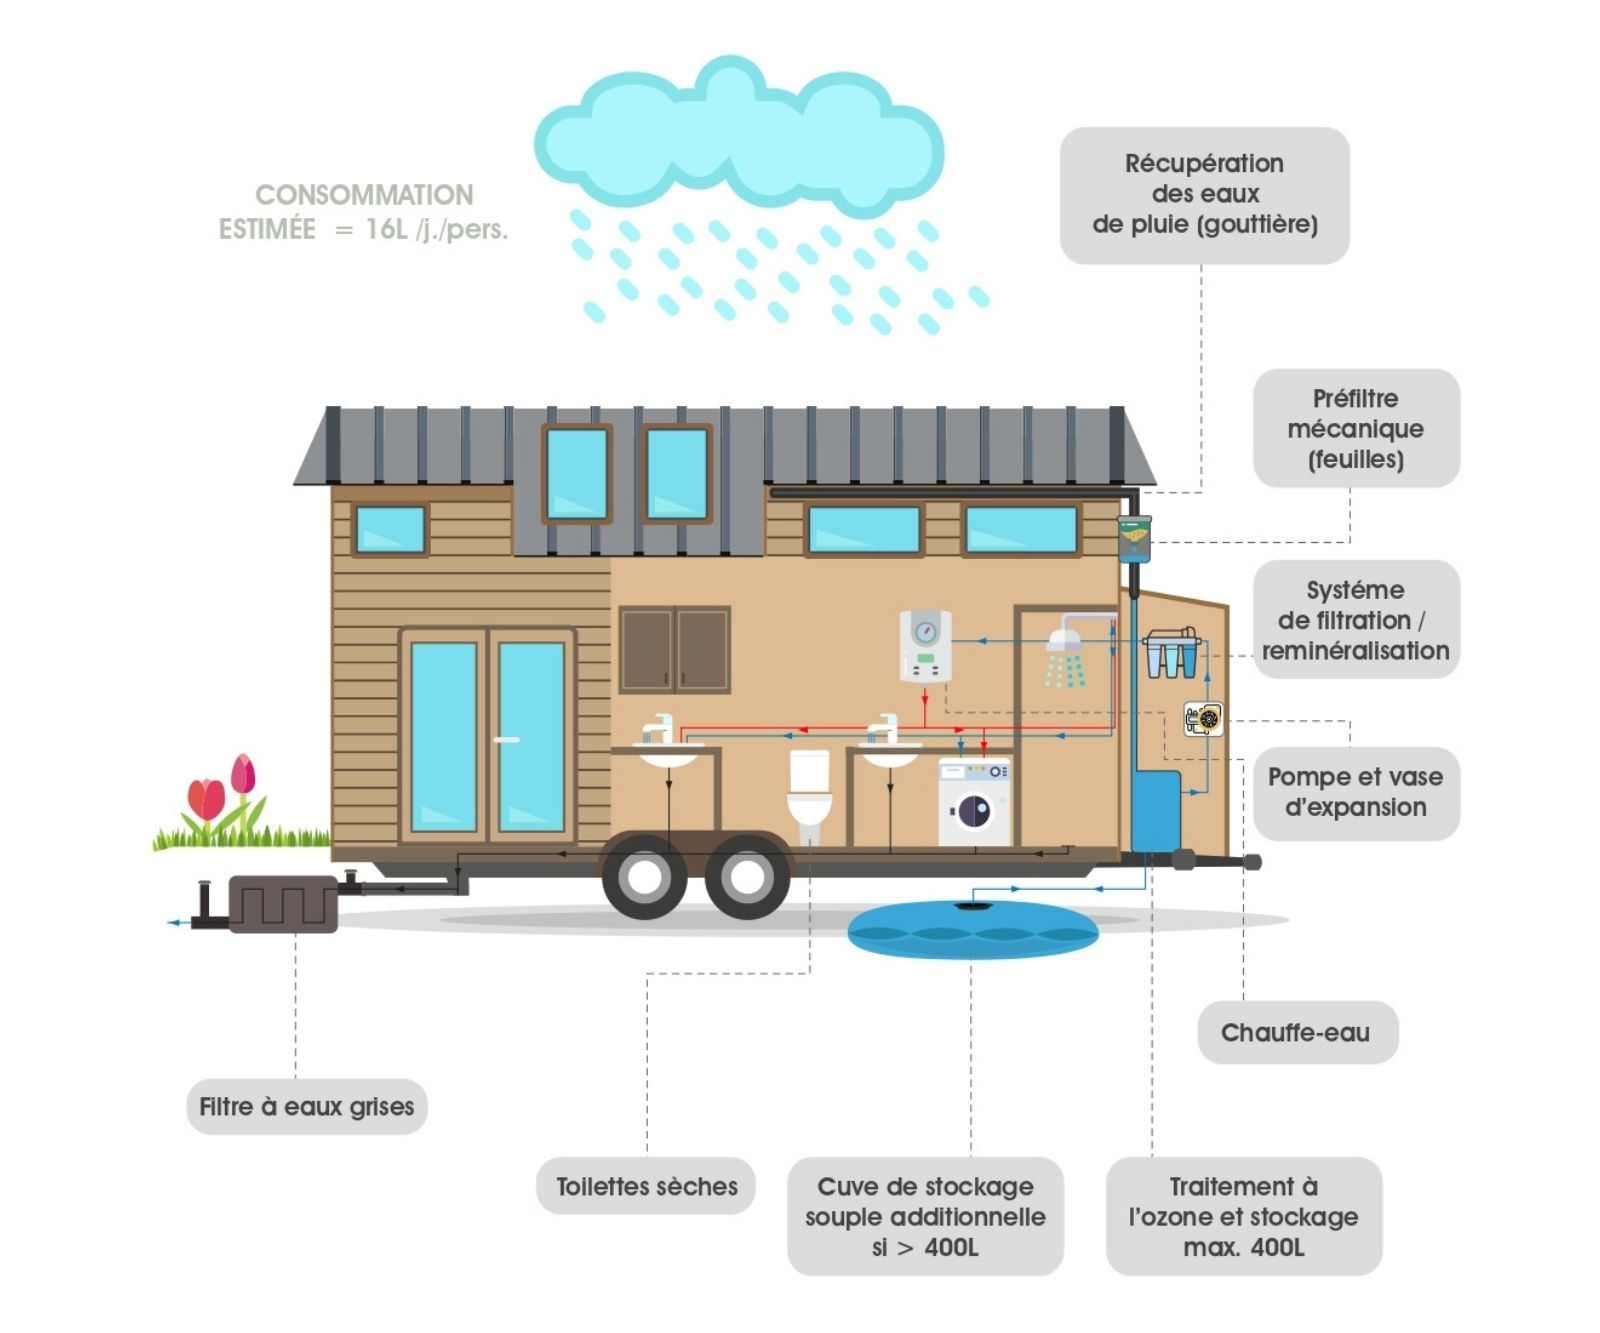 Illustration d'une tiny house autonome en eau avec récupération des eaux de pluie et cuves